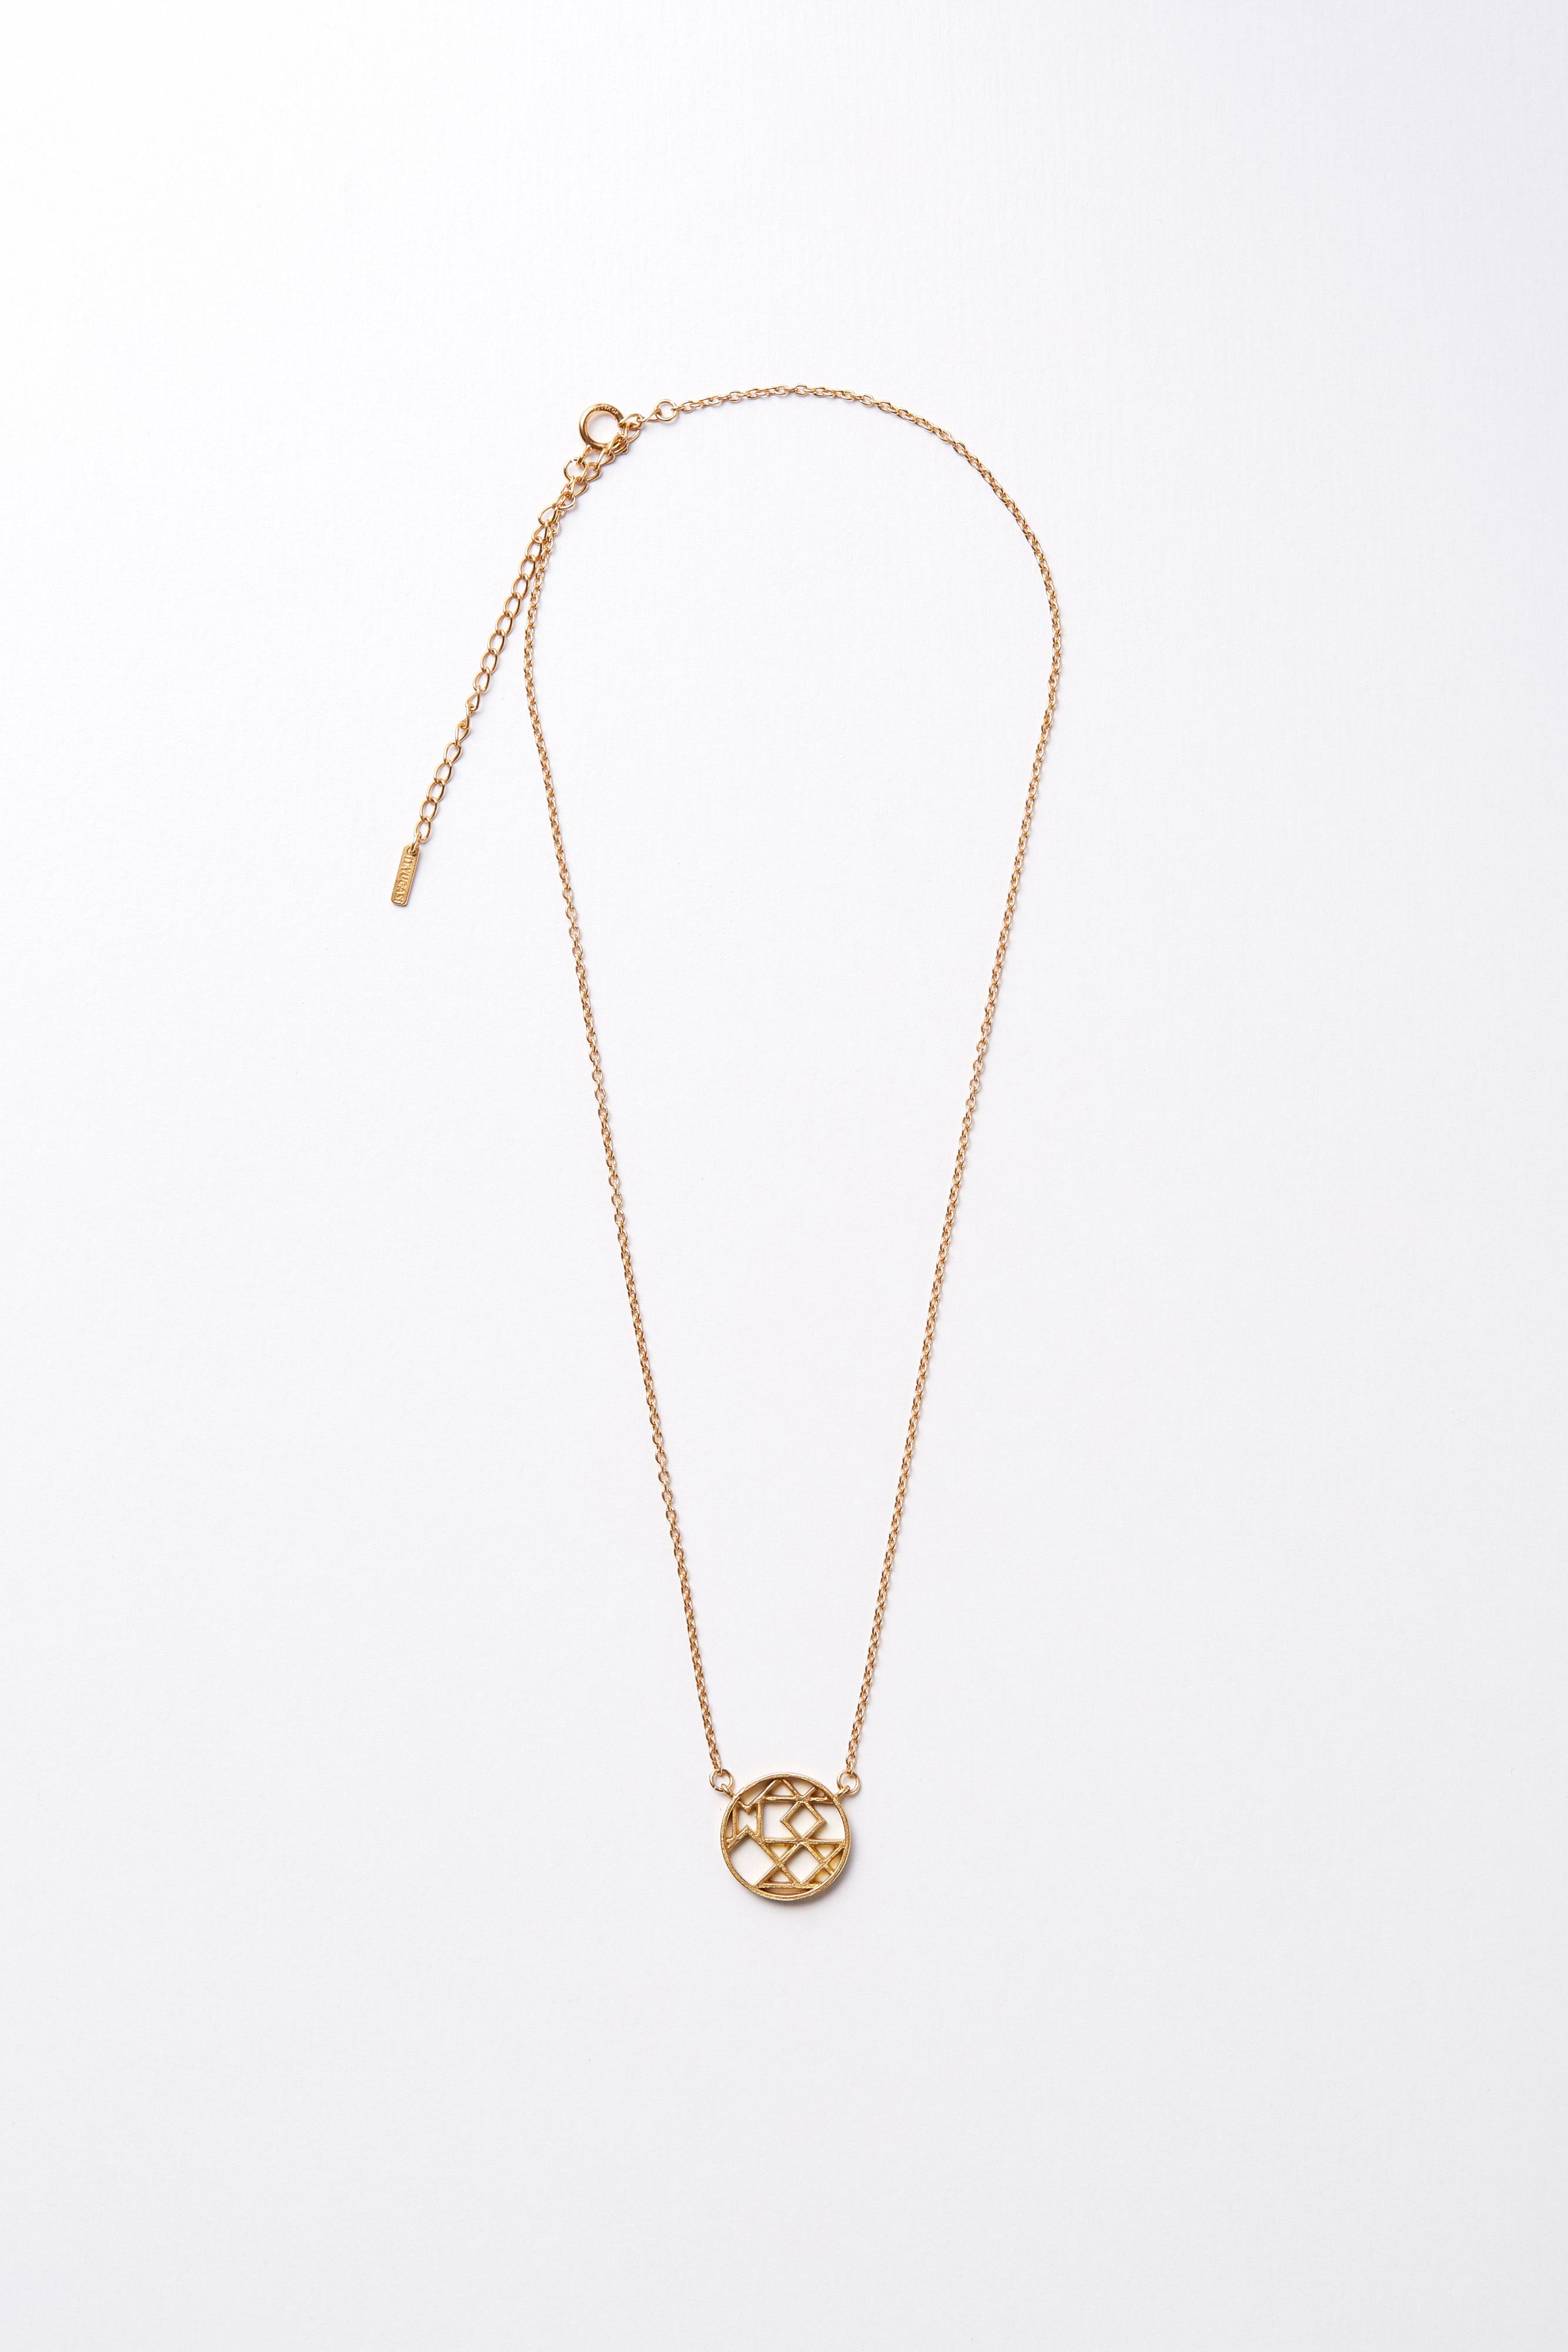 -KIKA- necklace / IT N 3